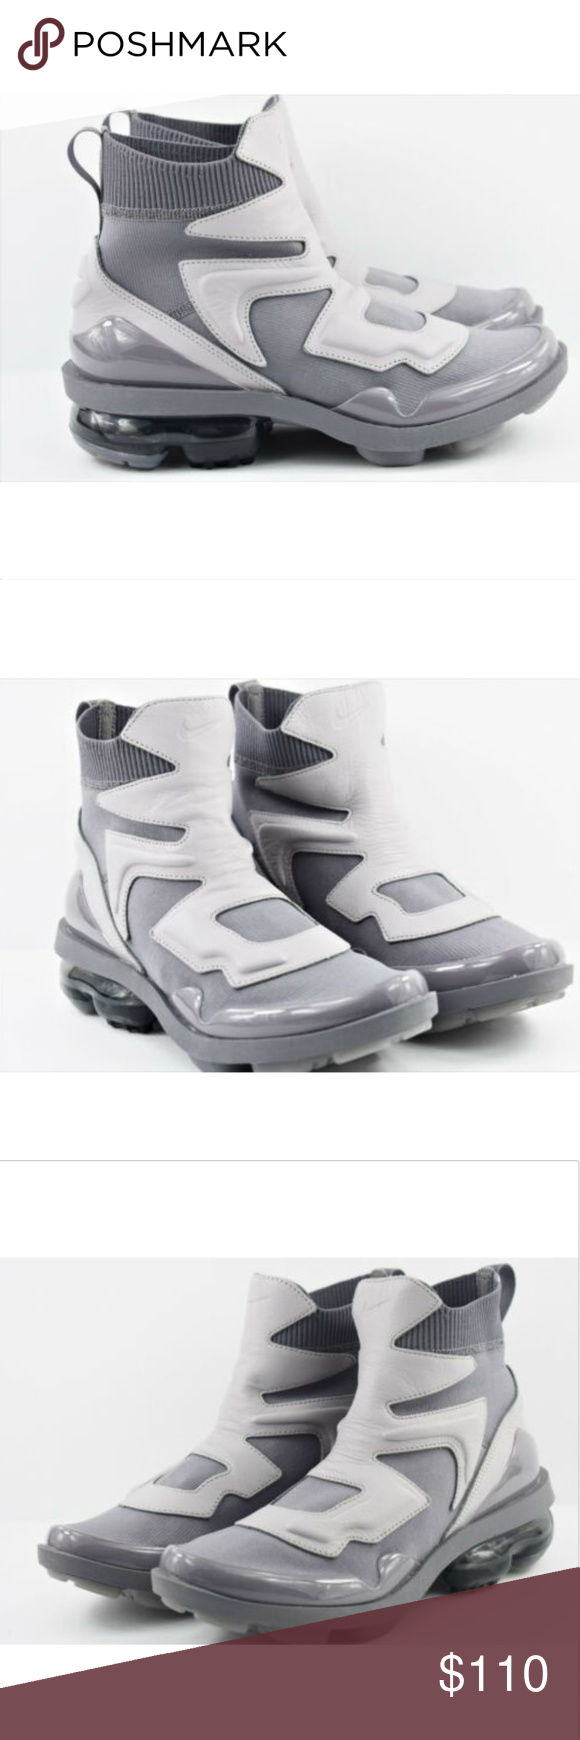 d791888b6c Womens Nike Vapormax Light II Size 8 Shoes AO4537 New without box Womens Nike  Vapormax Light II Size 8 Shoes AO4537 003 Atmosphere Grey Gunsmoke Nike  Shoes ...